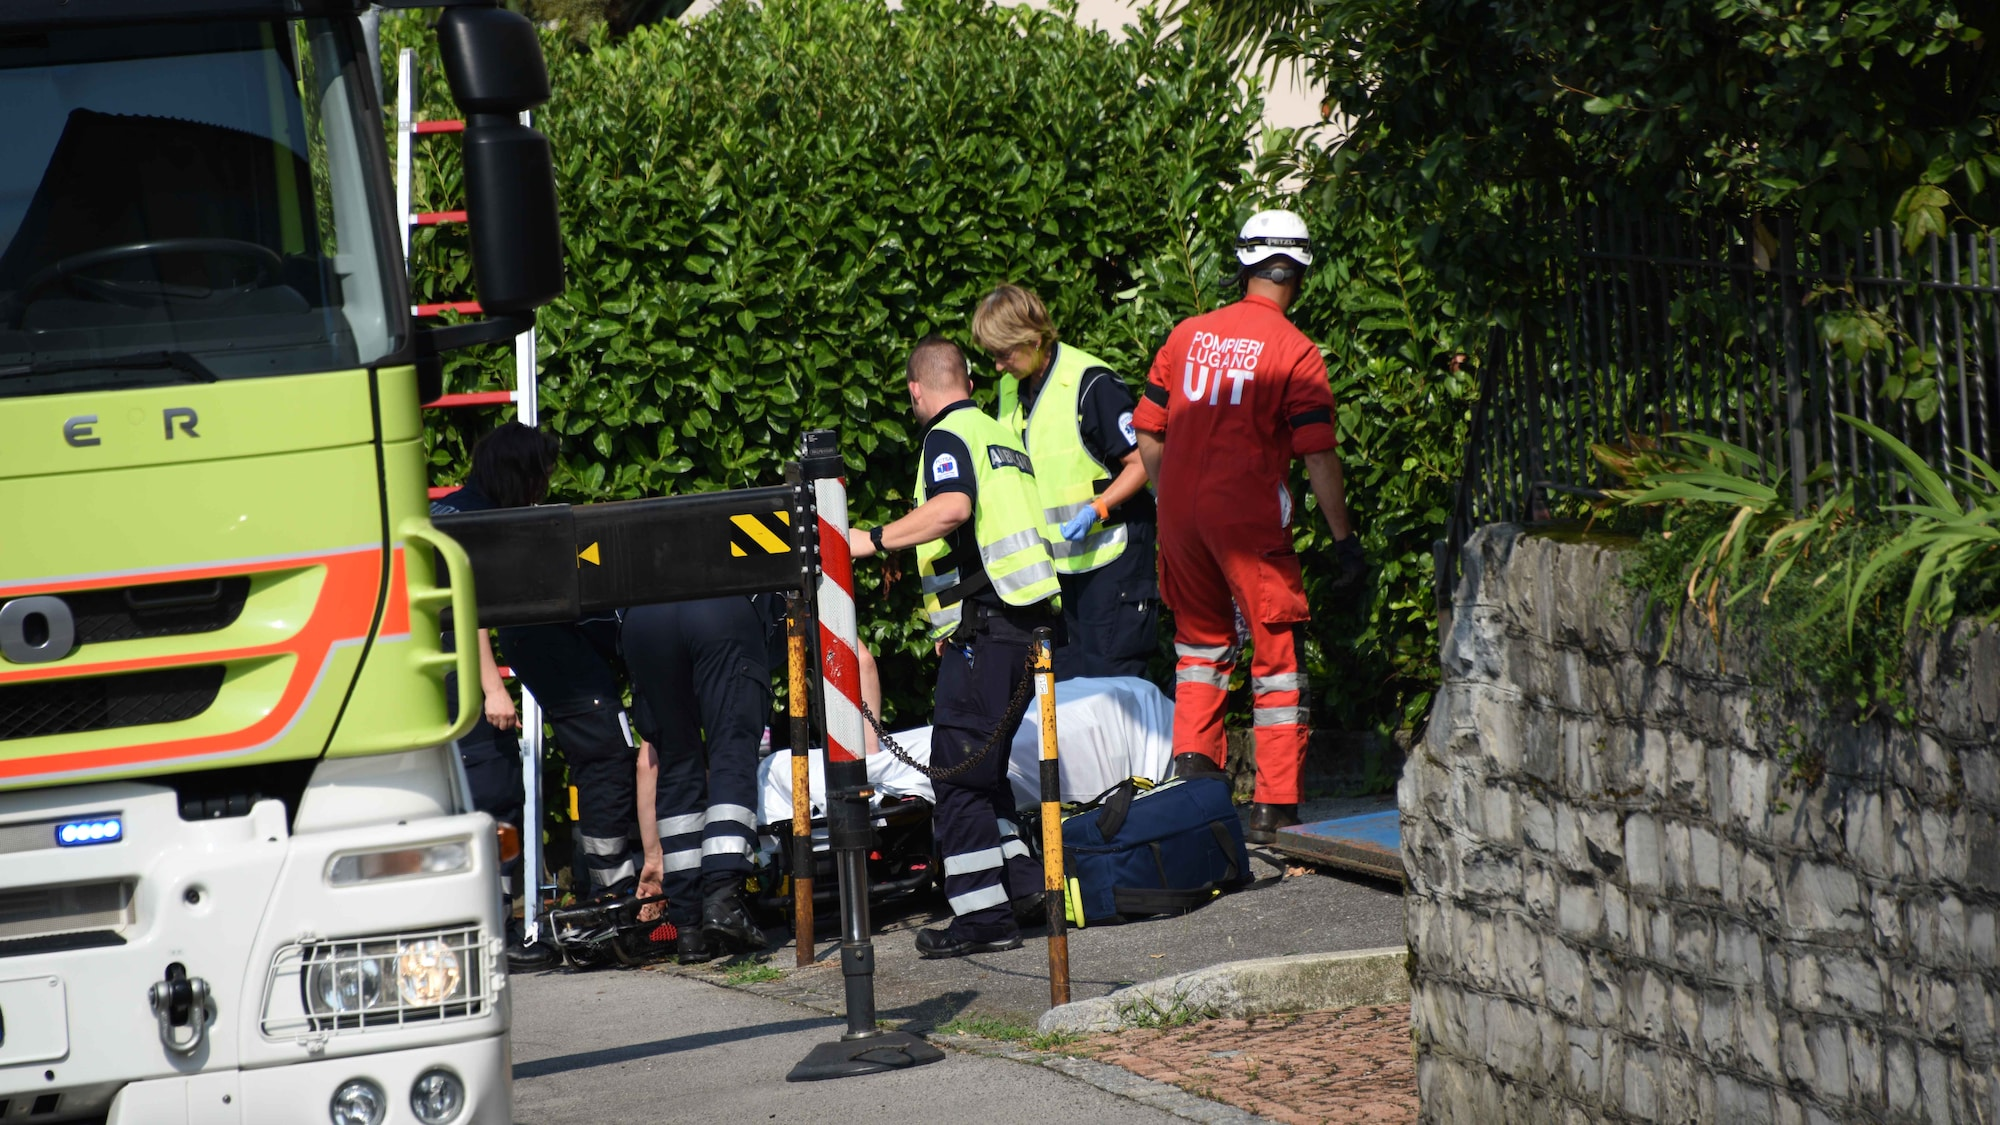 Einsatz in Lugano TI: Feuerwehr rettet Mädchen aus Lichtschacht